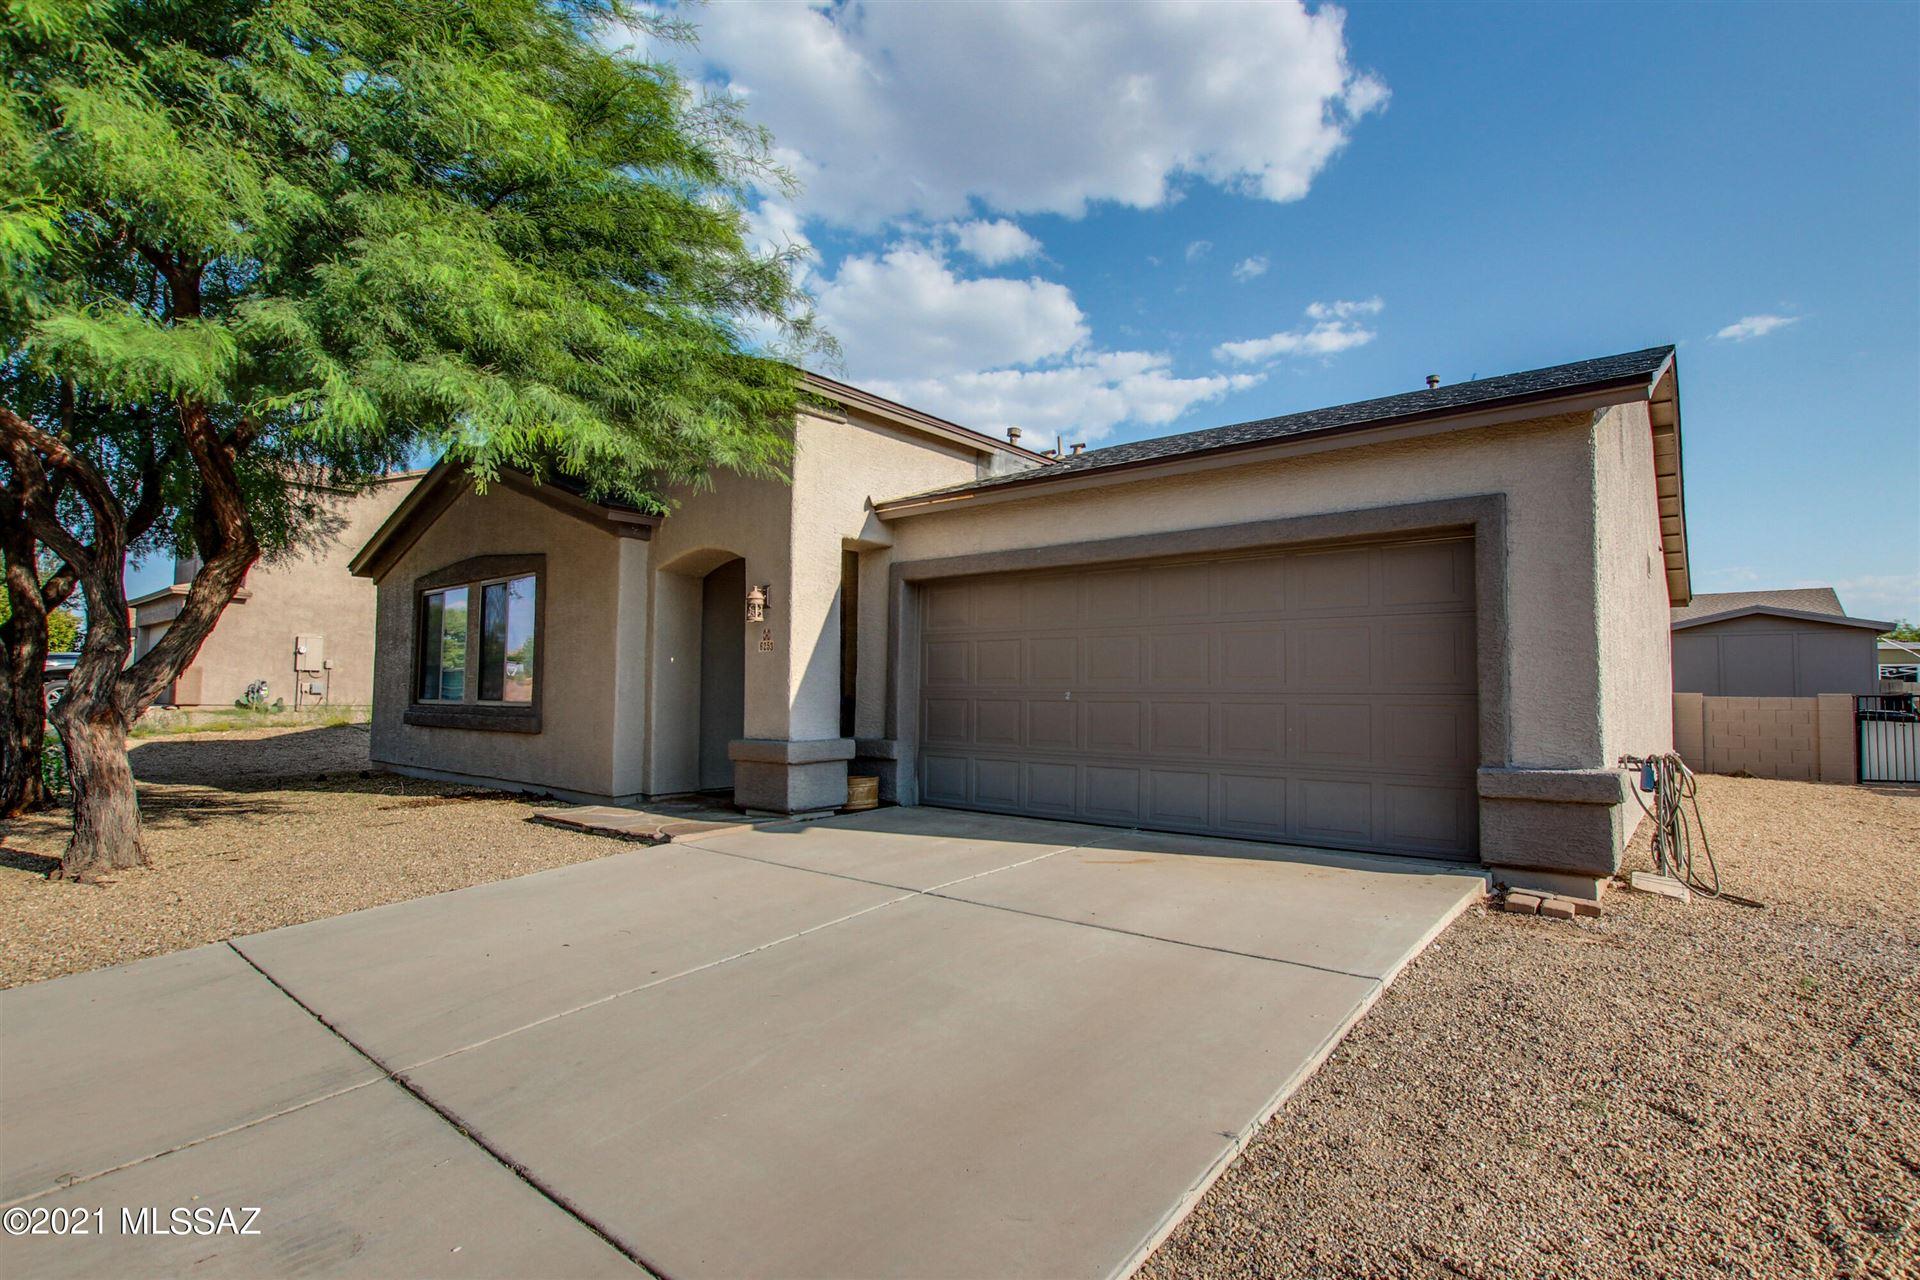 6253 W Blue Star Drive, Tucson, AZ 85757 - MLS#: 22123298